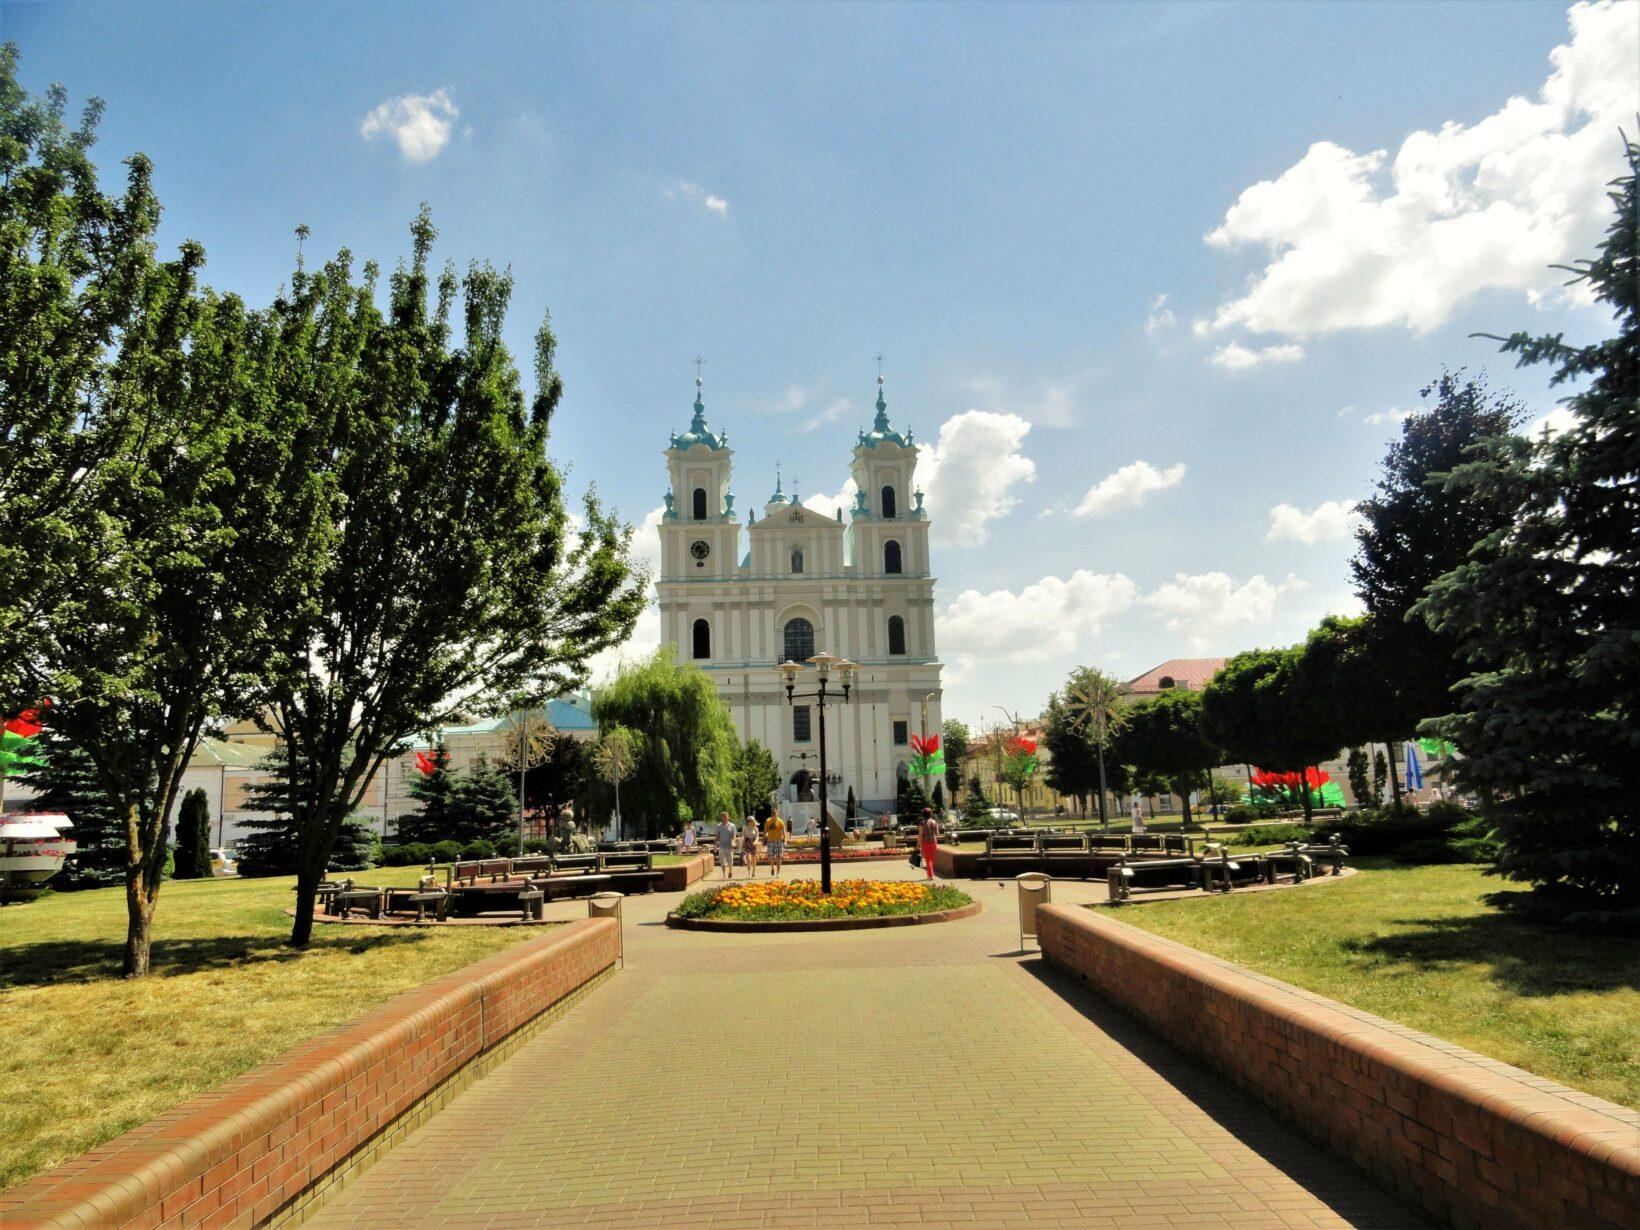 Главная площадь Гродно с кафедральным собором Святого Франциска Ксаверия